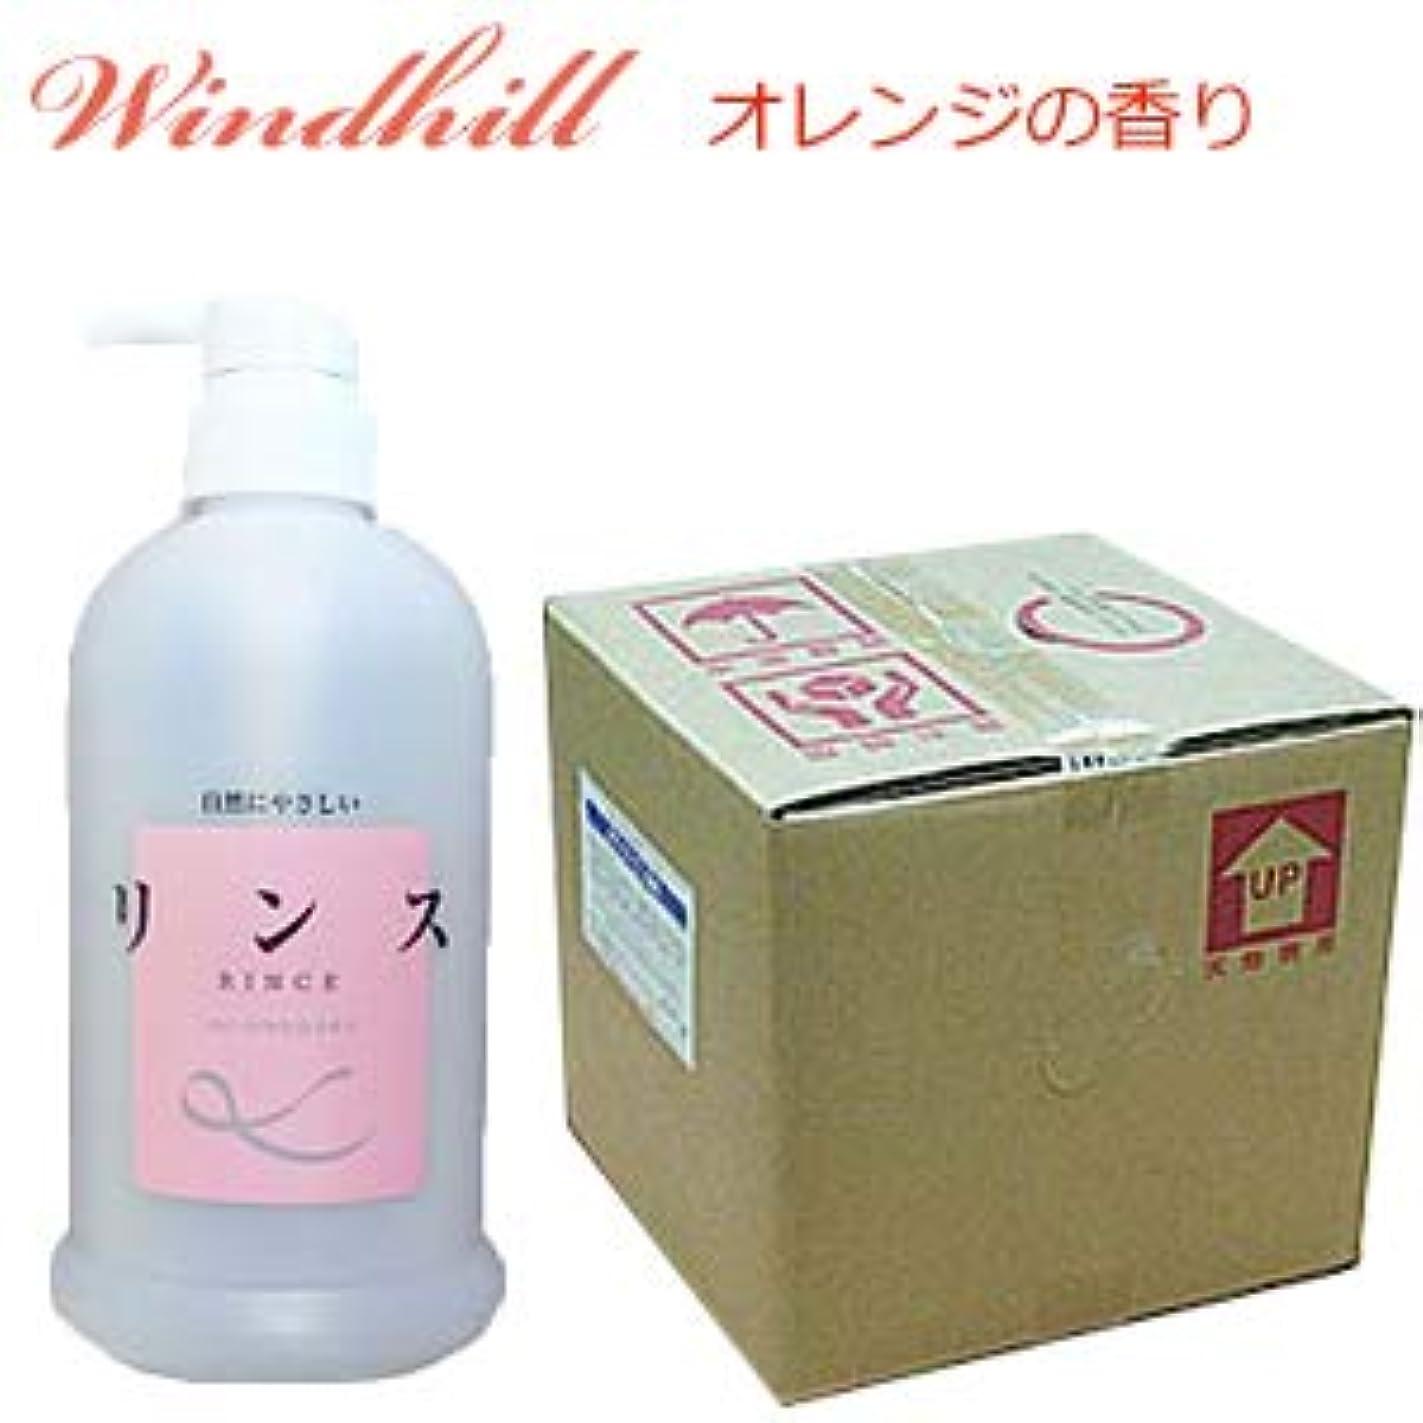 賠償植物の回転するWindhill 植物性 業務用リンスオレンジの香り 20L(1セット20L入)